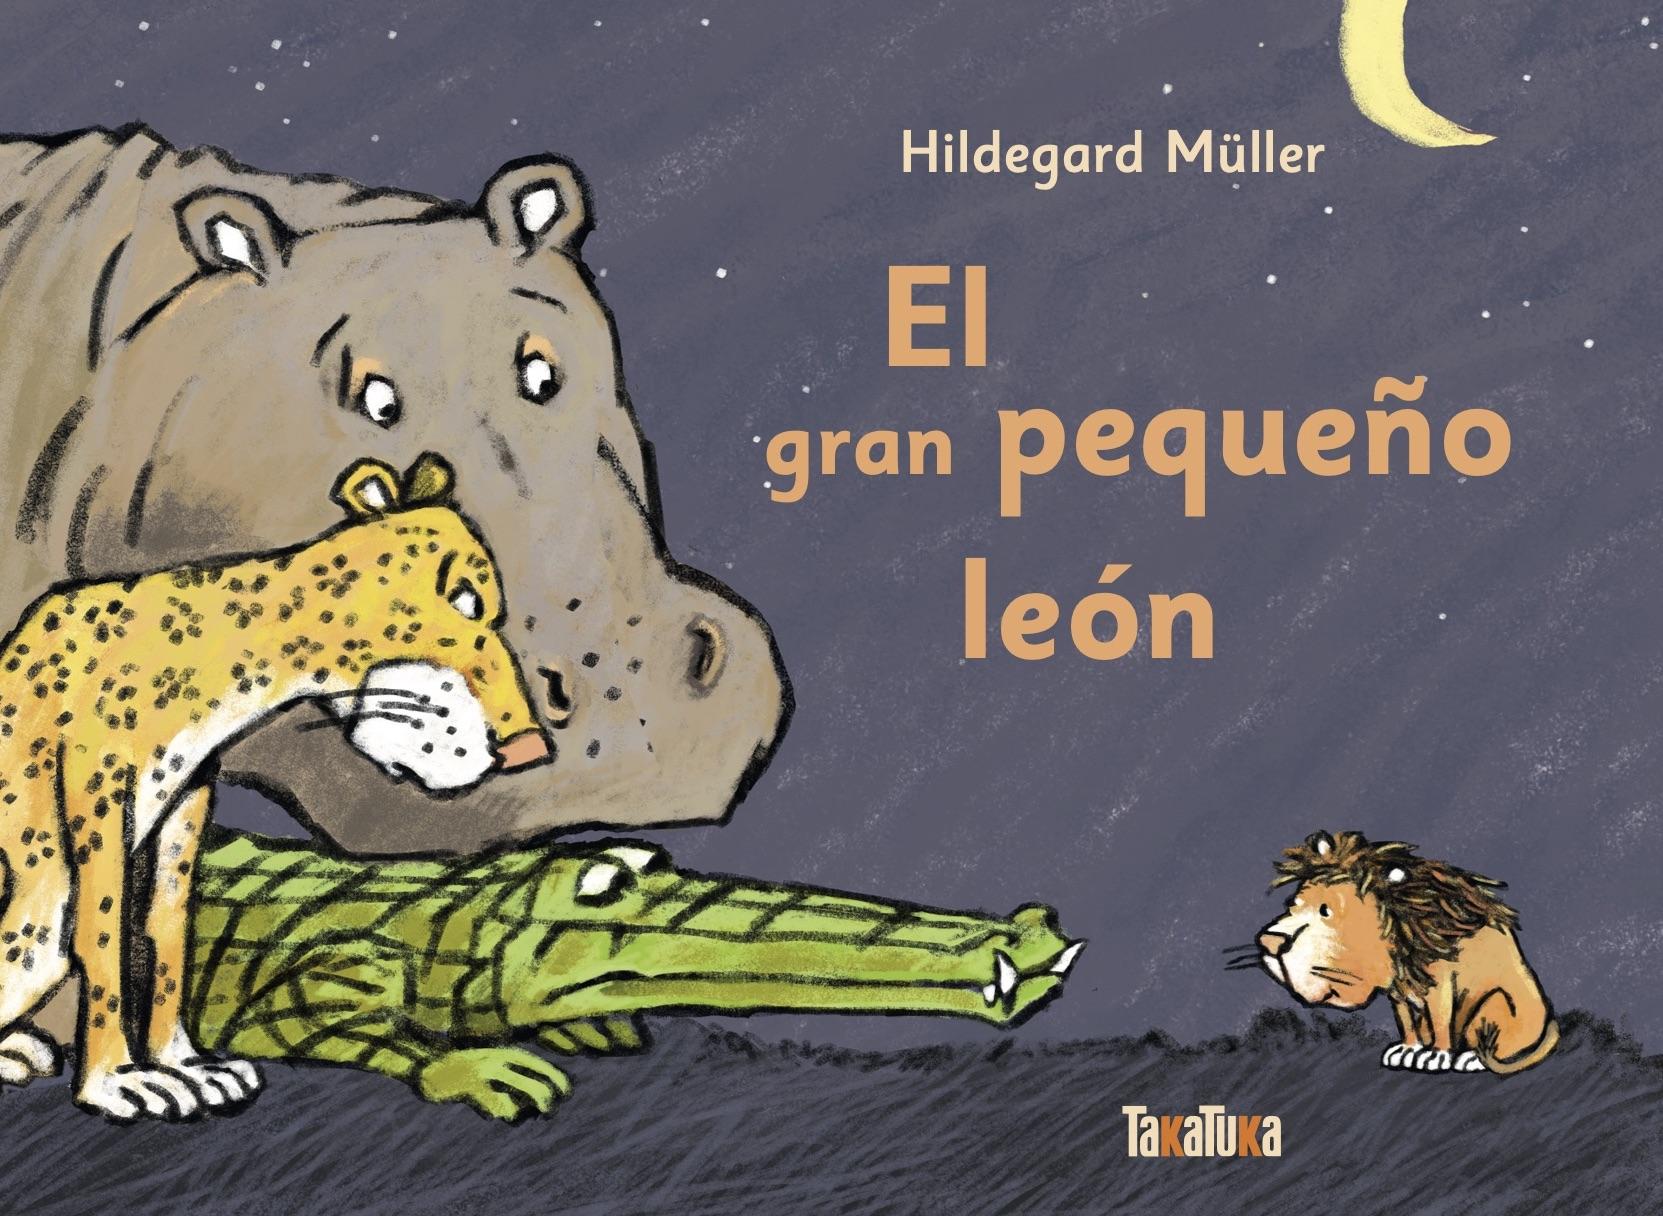 GRAN PEQUEÑO LEON